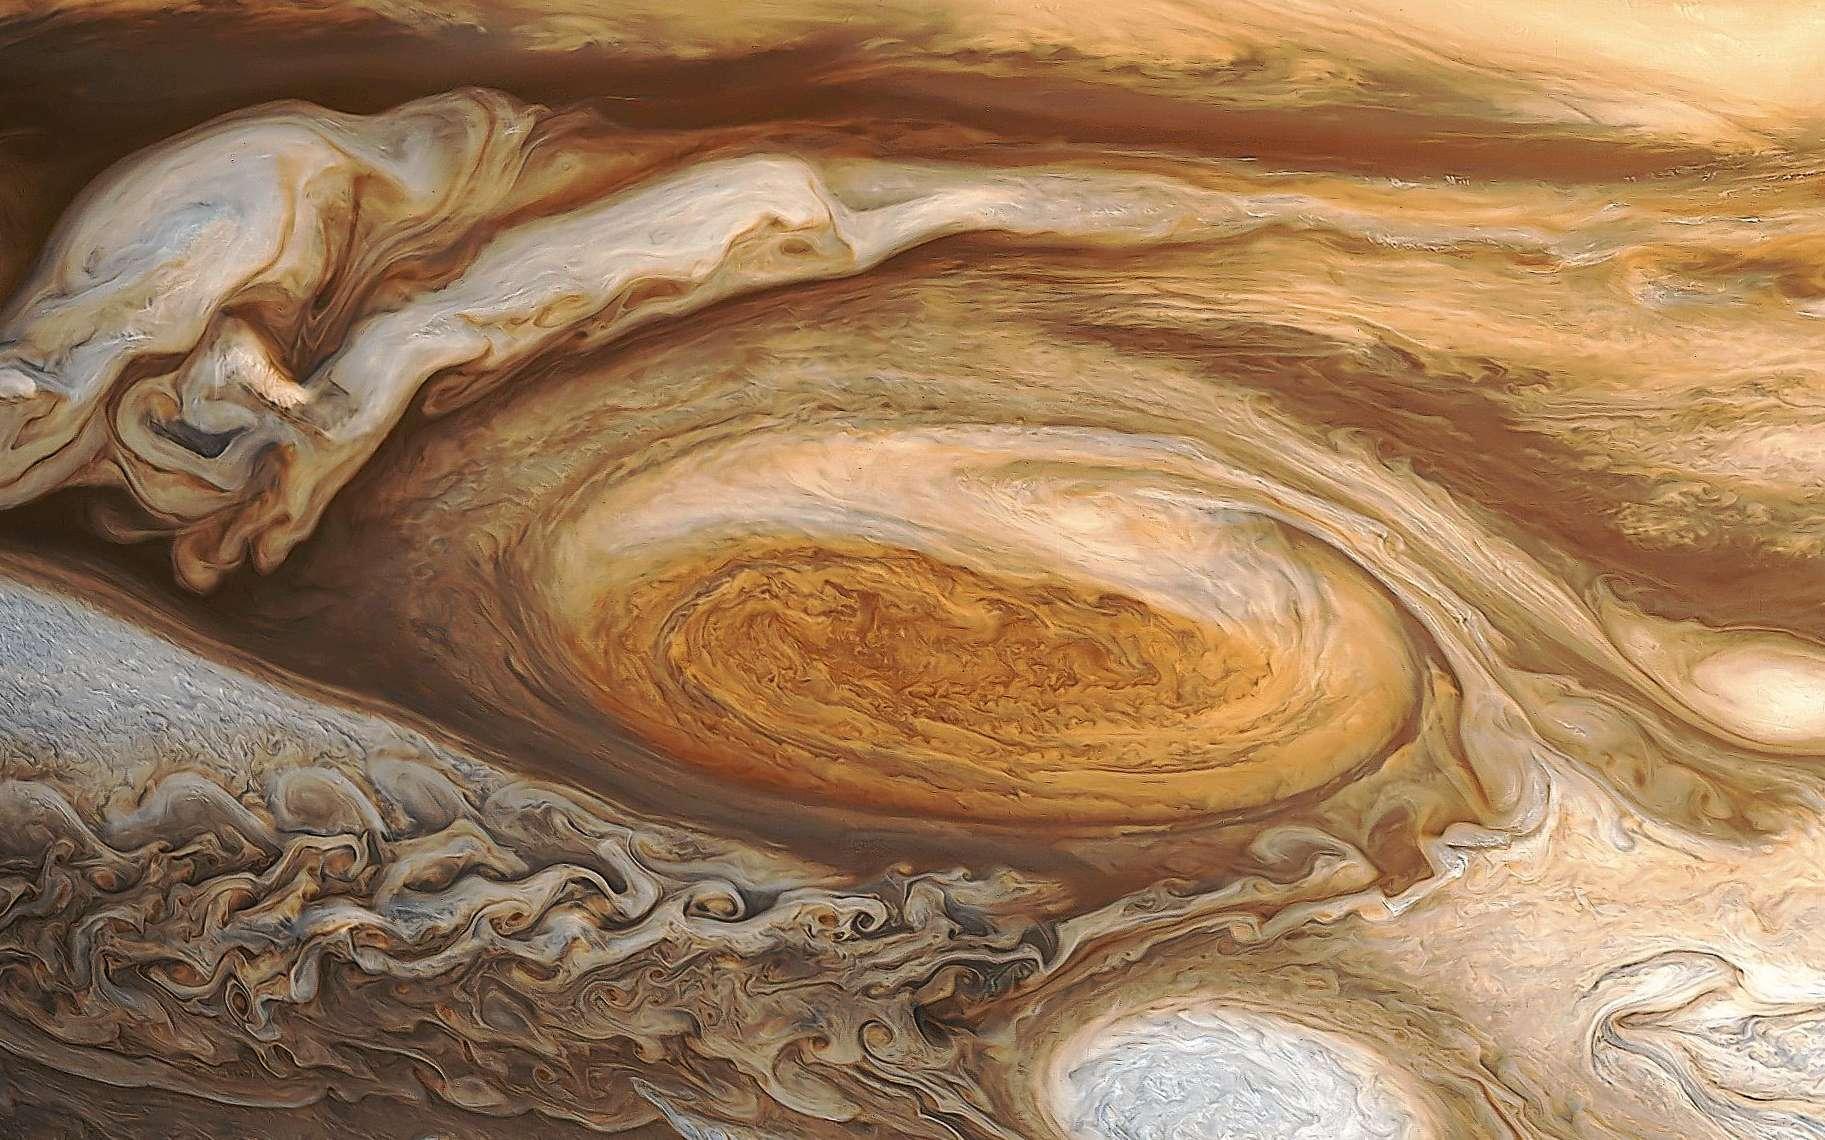 La Grande Tache Rouge de Jupiter, existant au moins depuis les observations de l'astronome Jean-Dominique Cassini au XVIIe siècle, a vu sa taille et sa couleur varier depuis le XIXe siècle. C'est à cette époque qu'elle a pris la coloration qui lui a donné son nom. Il n'y a pas de consensus sur l'origine et la nature exacte des composés chimiques à l'origine de sa couleur. On en voit ici une photographie traitée à l'ordinateur à partir des observations de Voyager 1. © Nasa